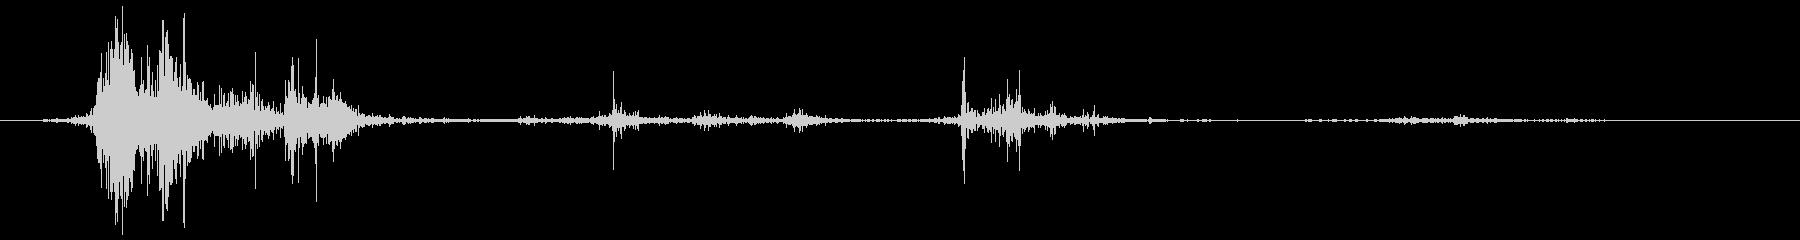 ヘビーブランケット:大きなフラッピ...の未再生の波形